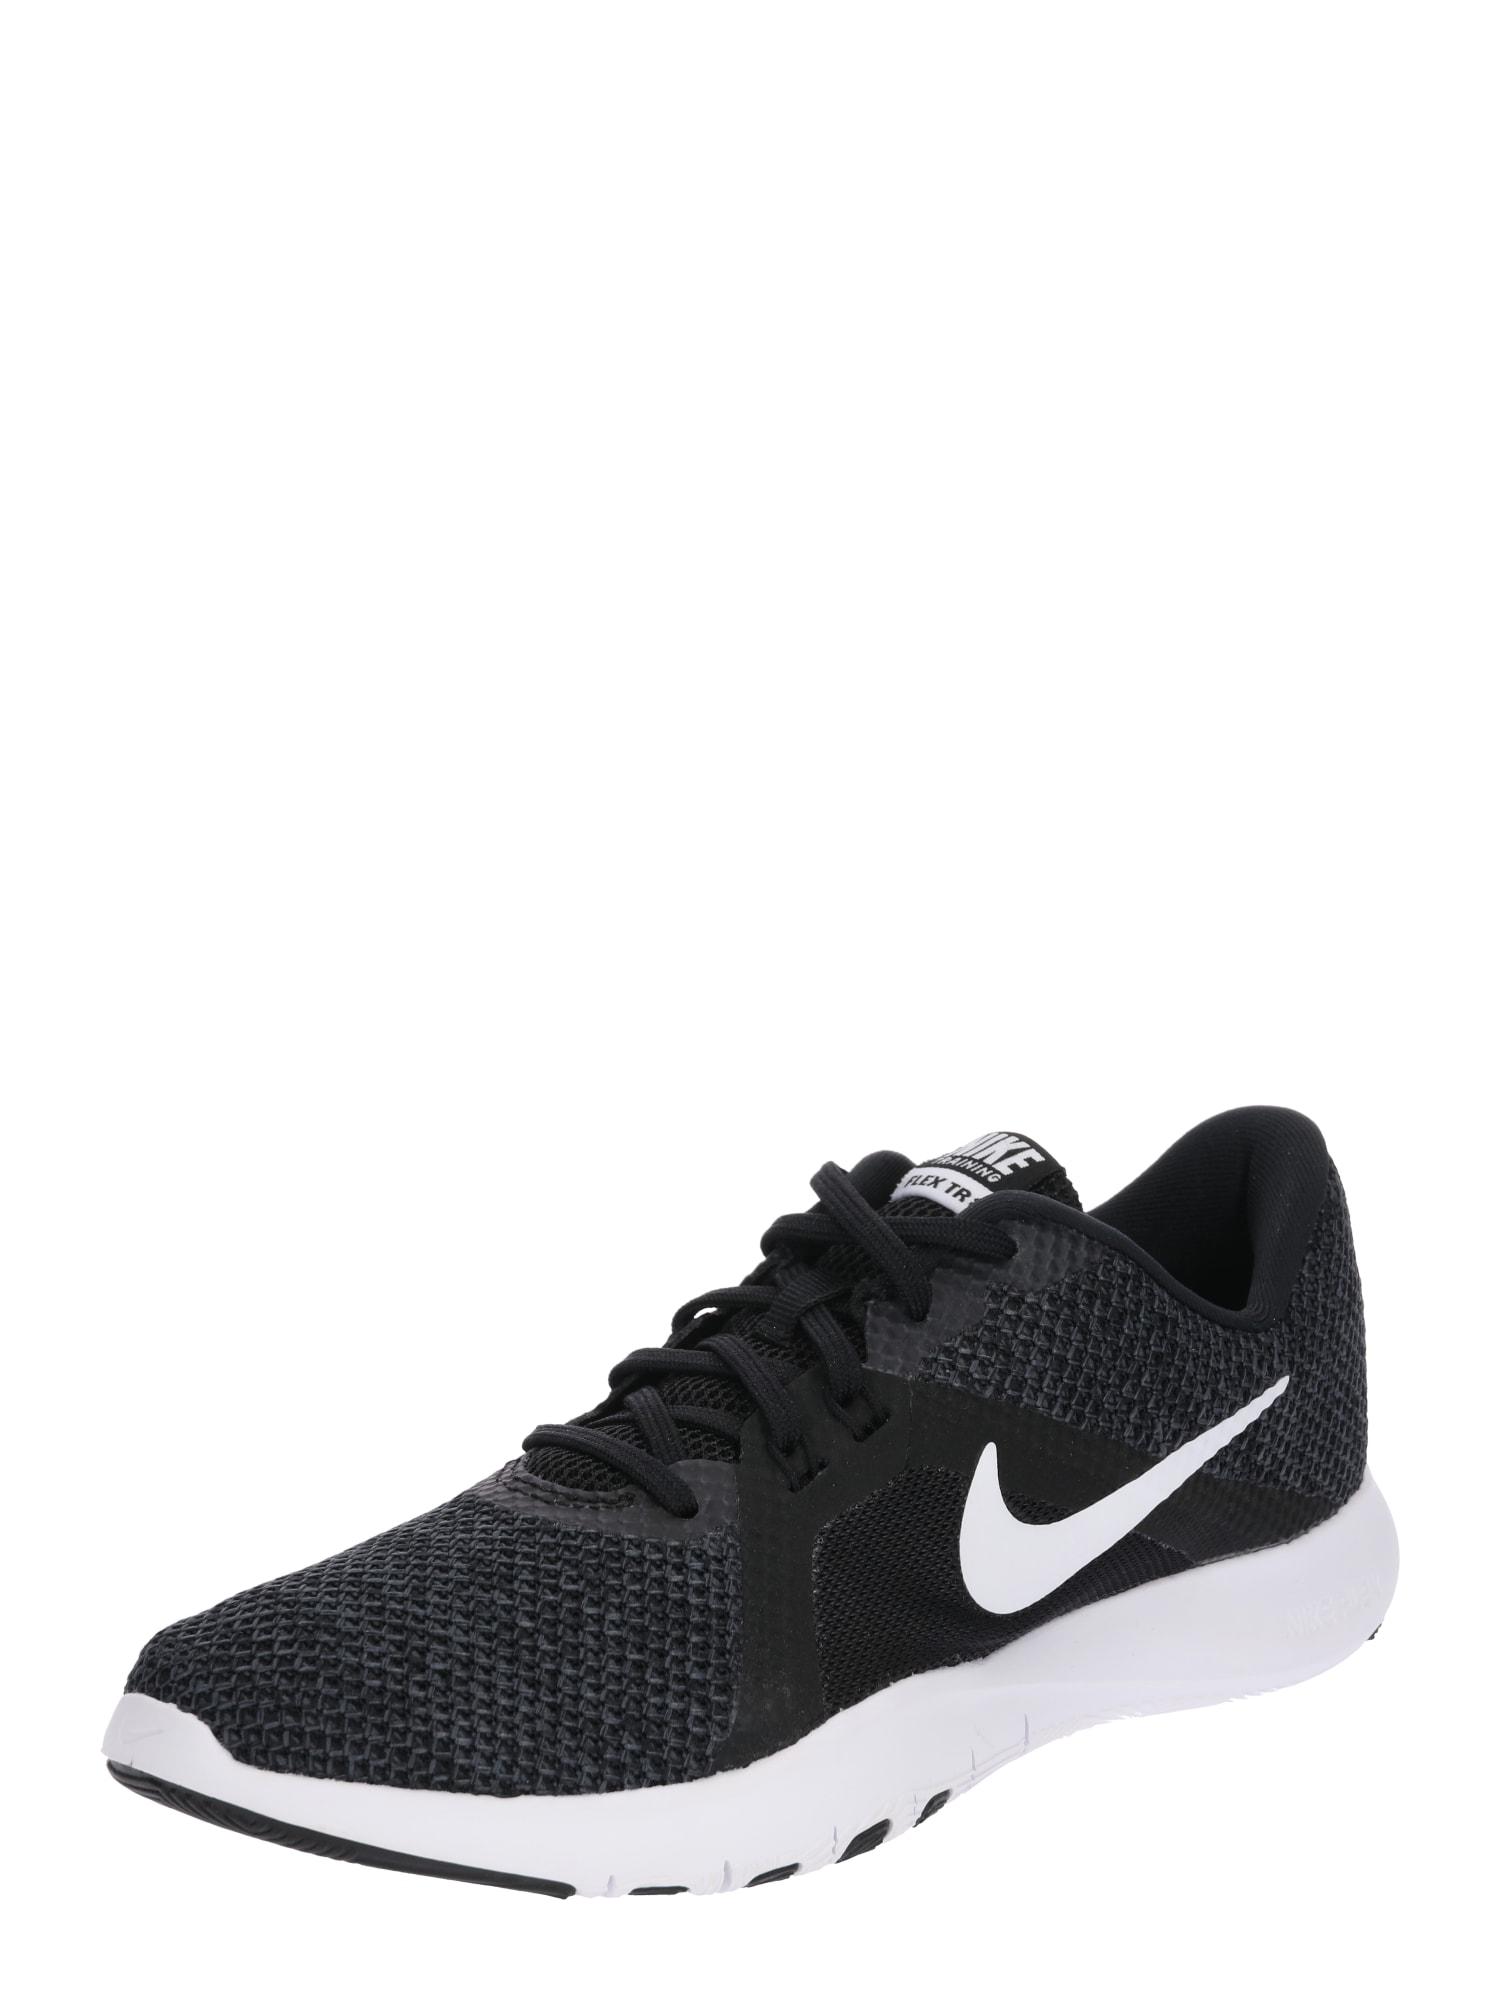 Sportovní boty Flex TR 8 antracitová černá bílá NIKE